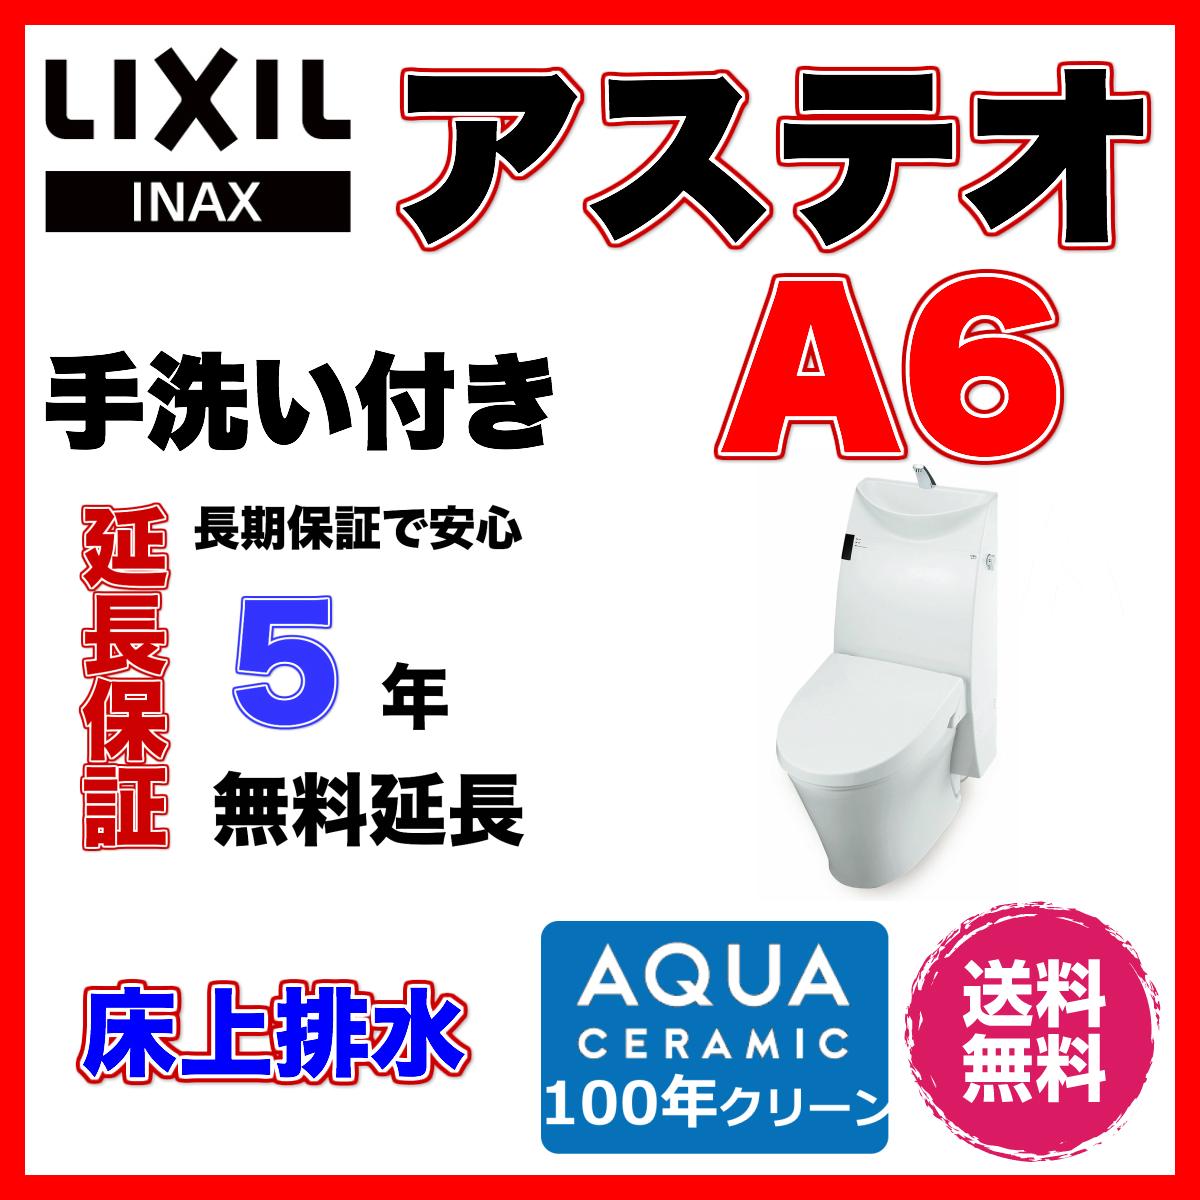 アステオ A6タイプ LIXIL トイレ 【YBC-A10P+DT-386J 】手洗い付 床上排水 ECO6 アクアセラミック付 INAX しっかり流れる タンク付トイレ